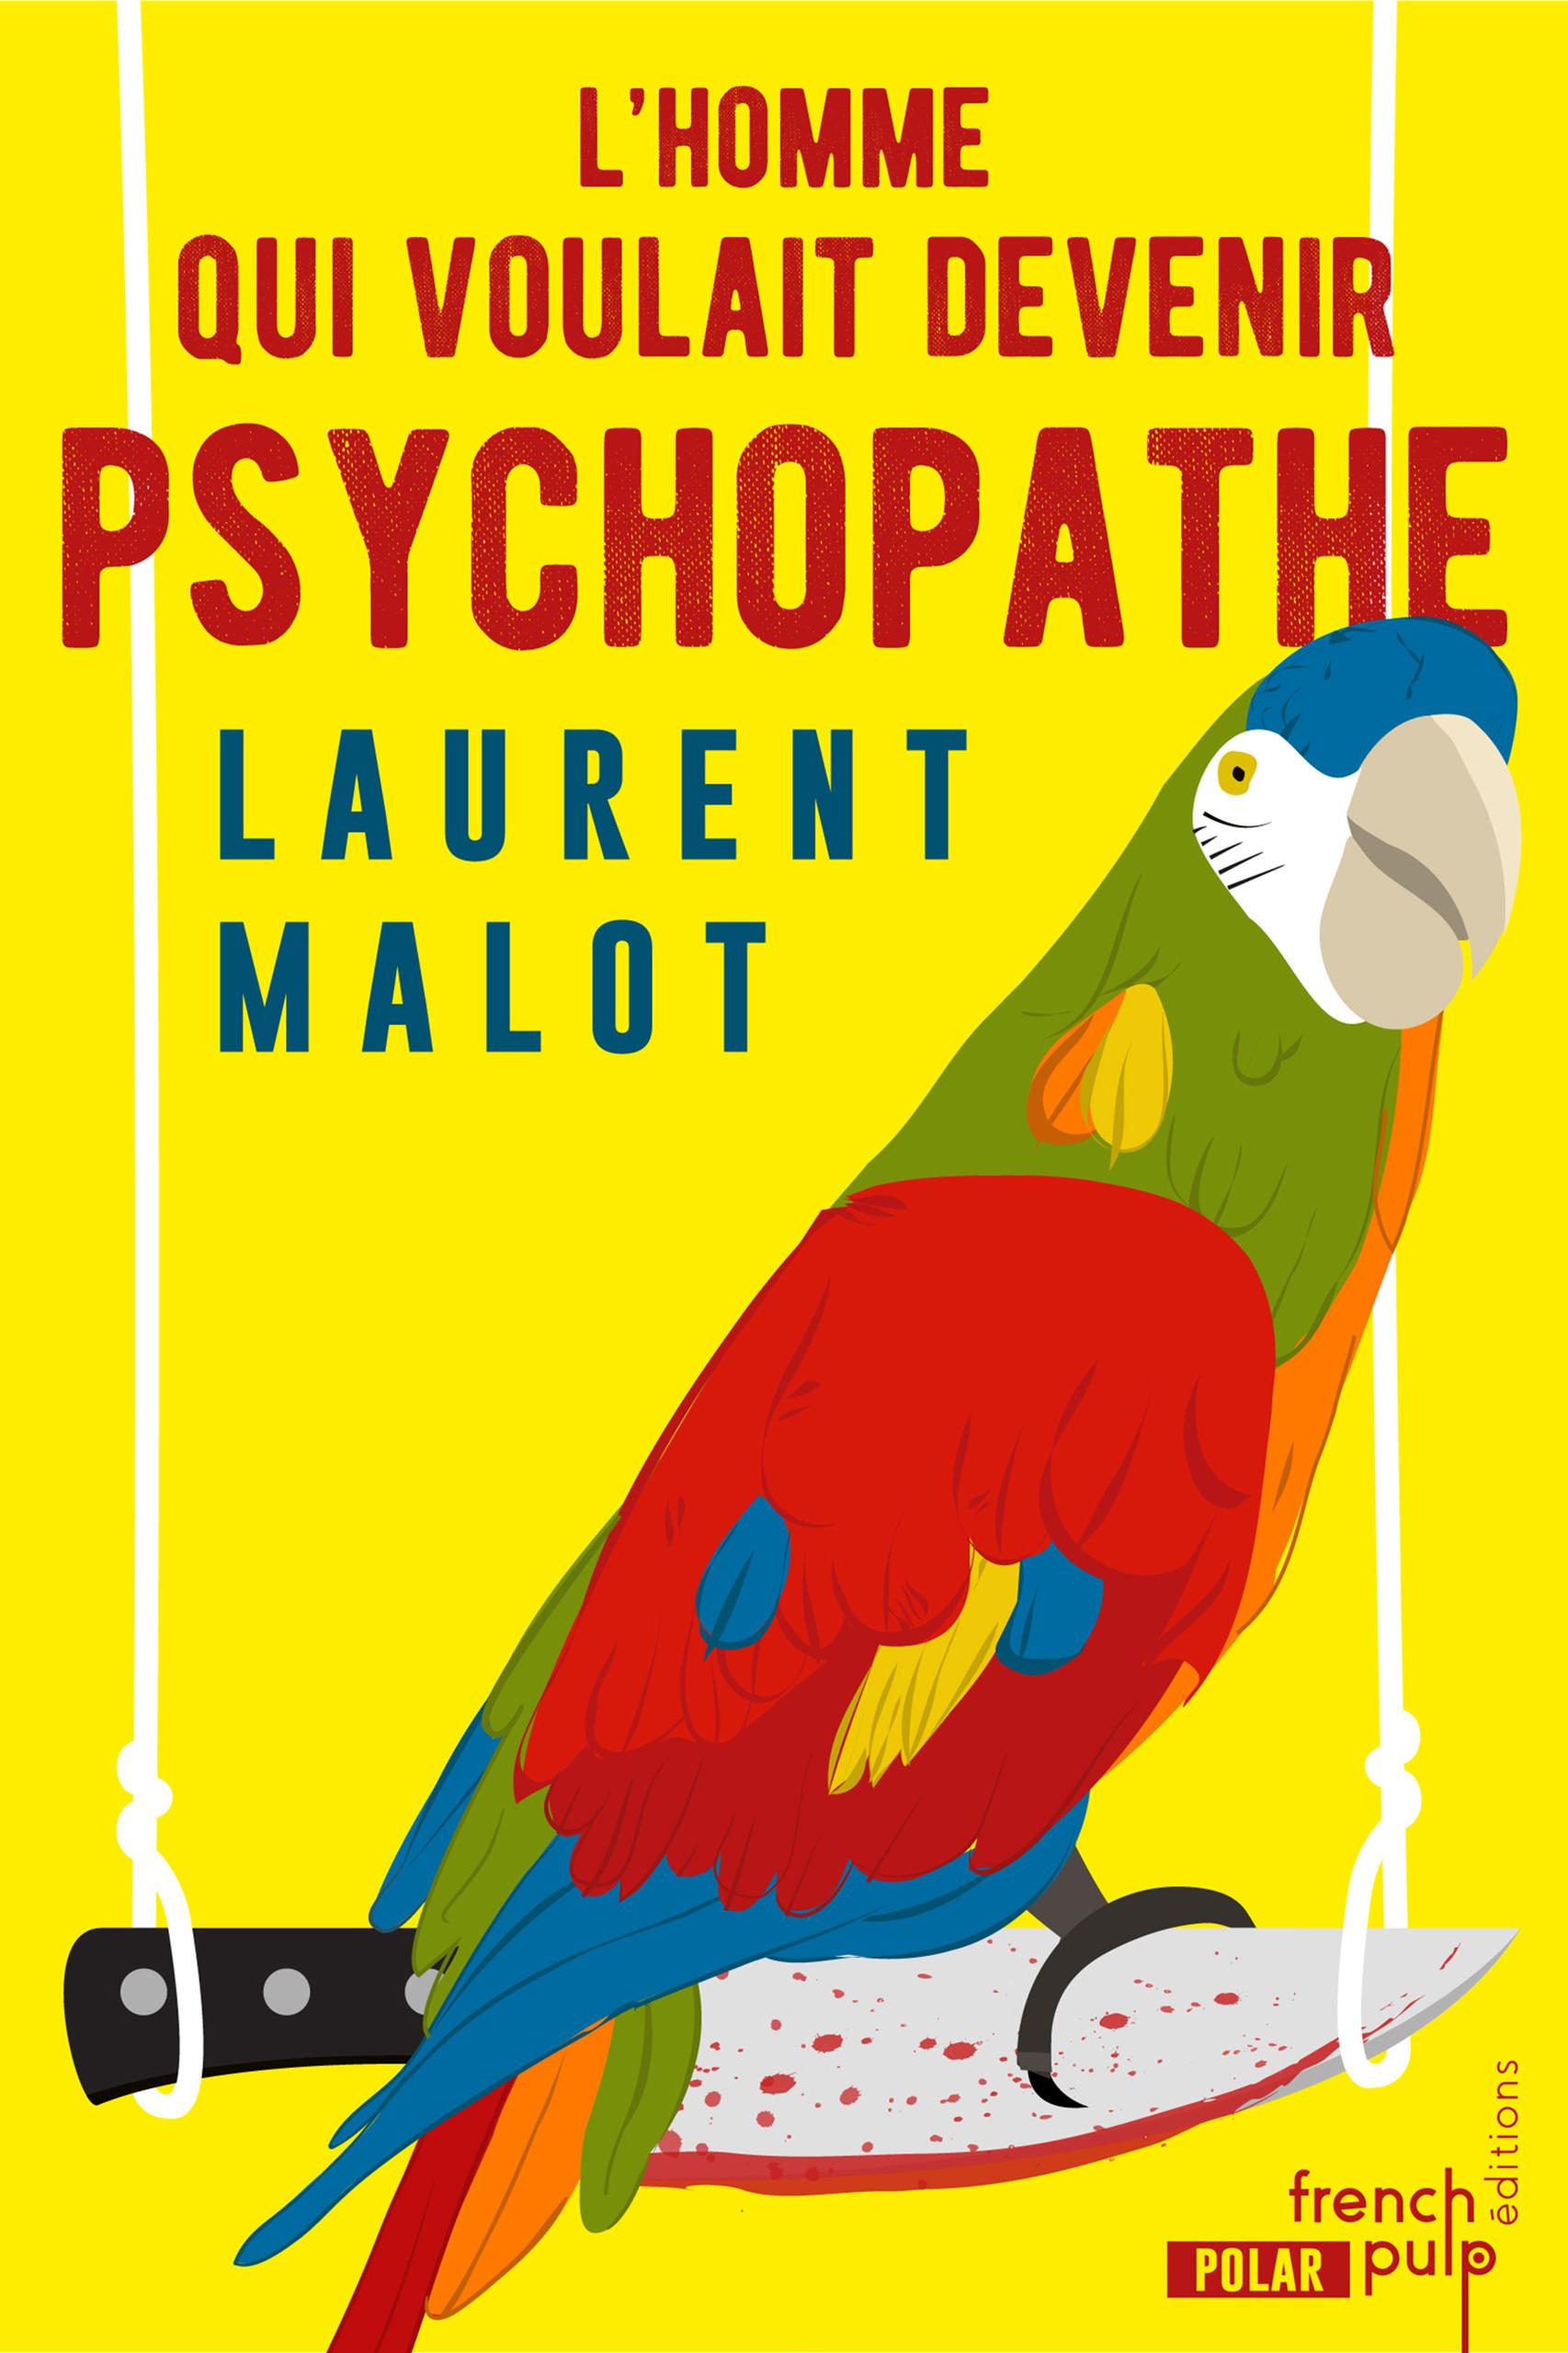 L'homme qui voulait devenir psychopathe